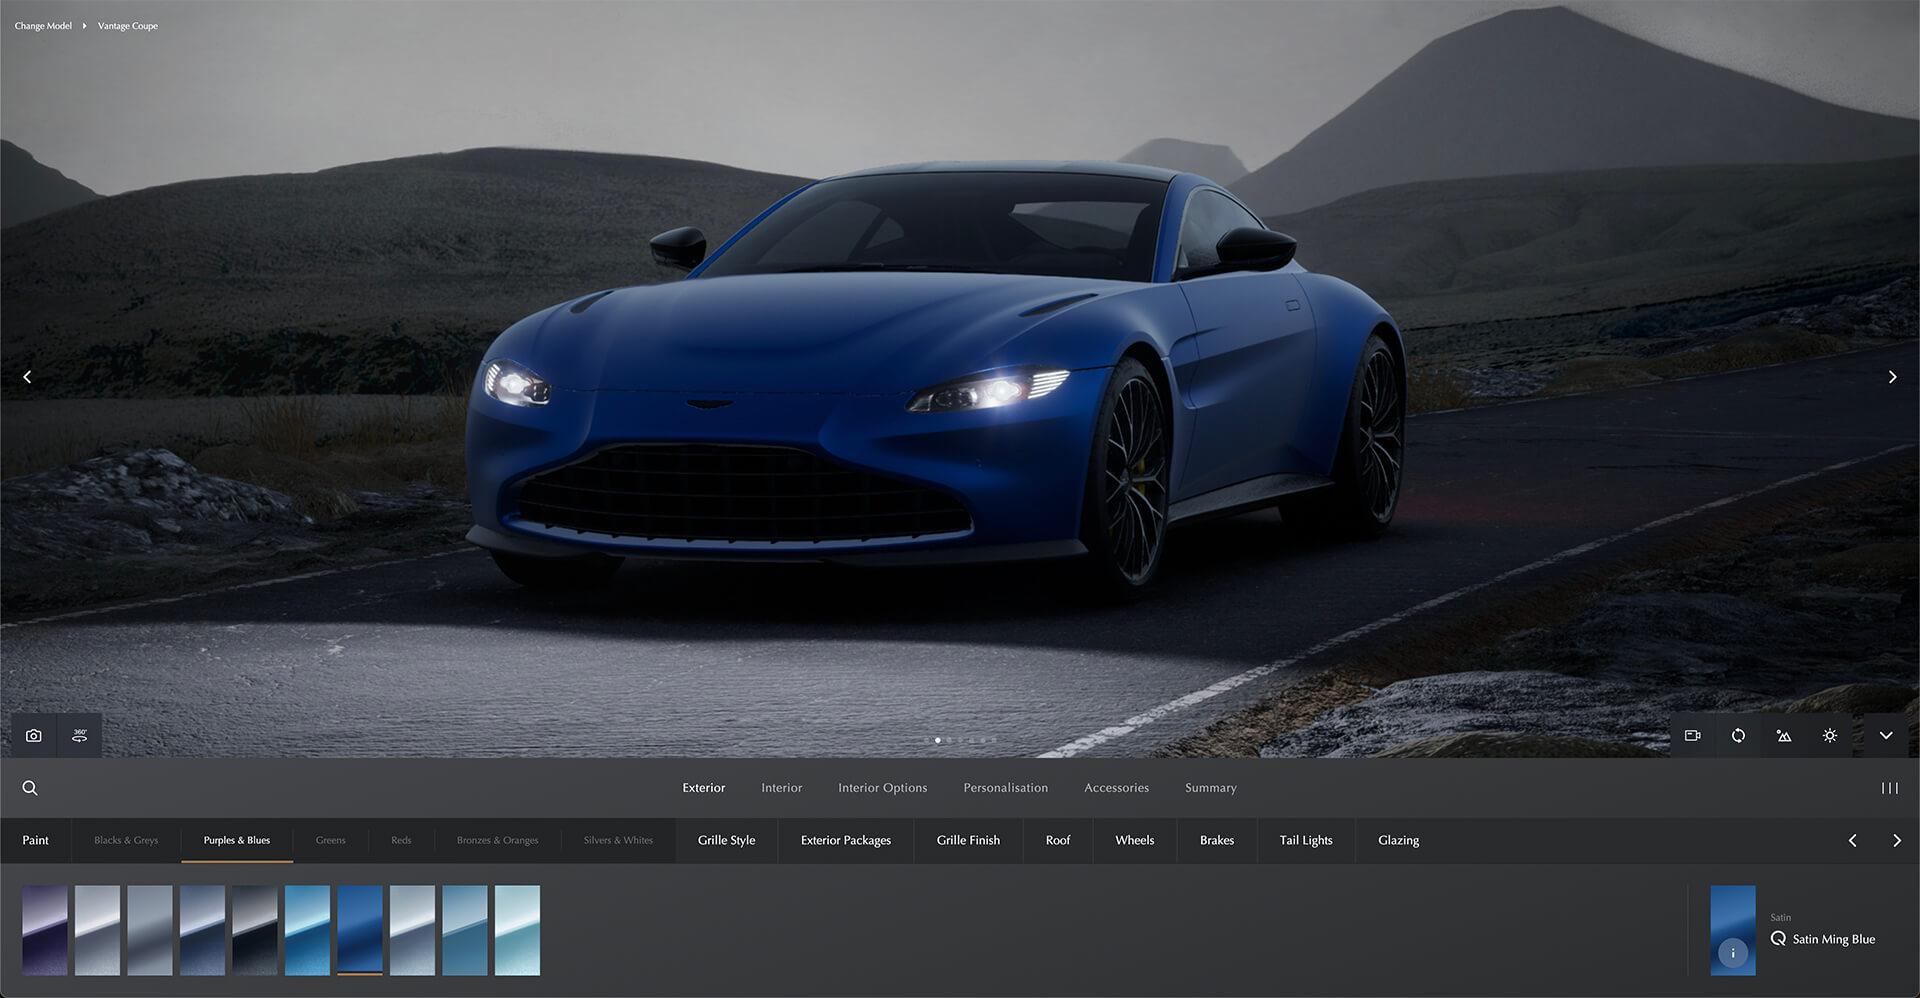 Configurador Aston Martin